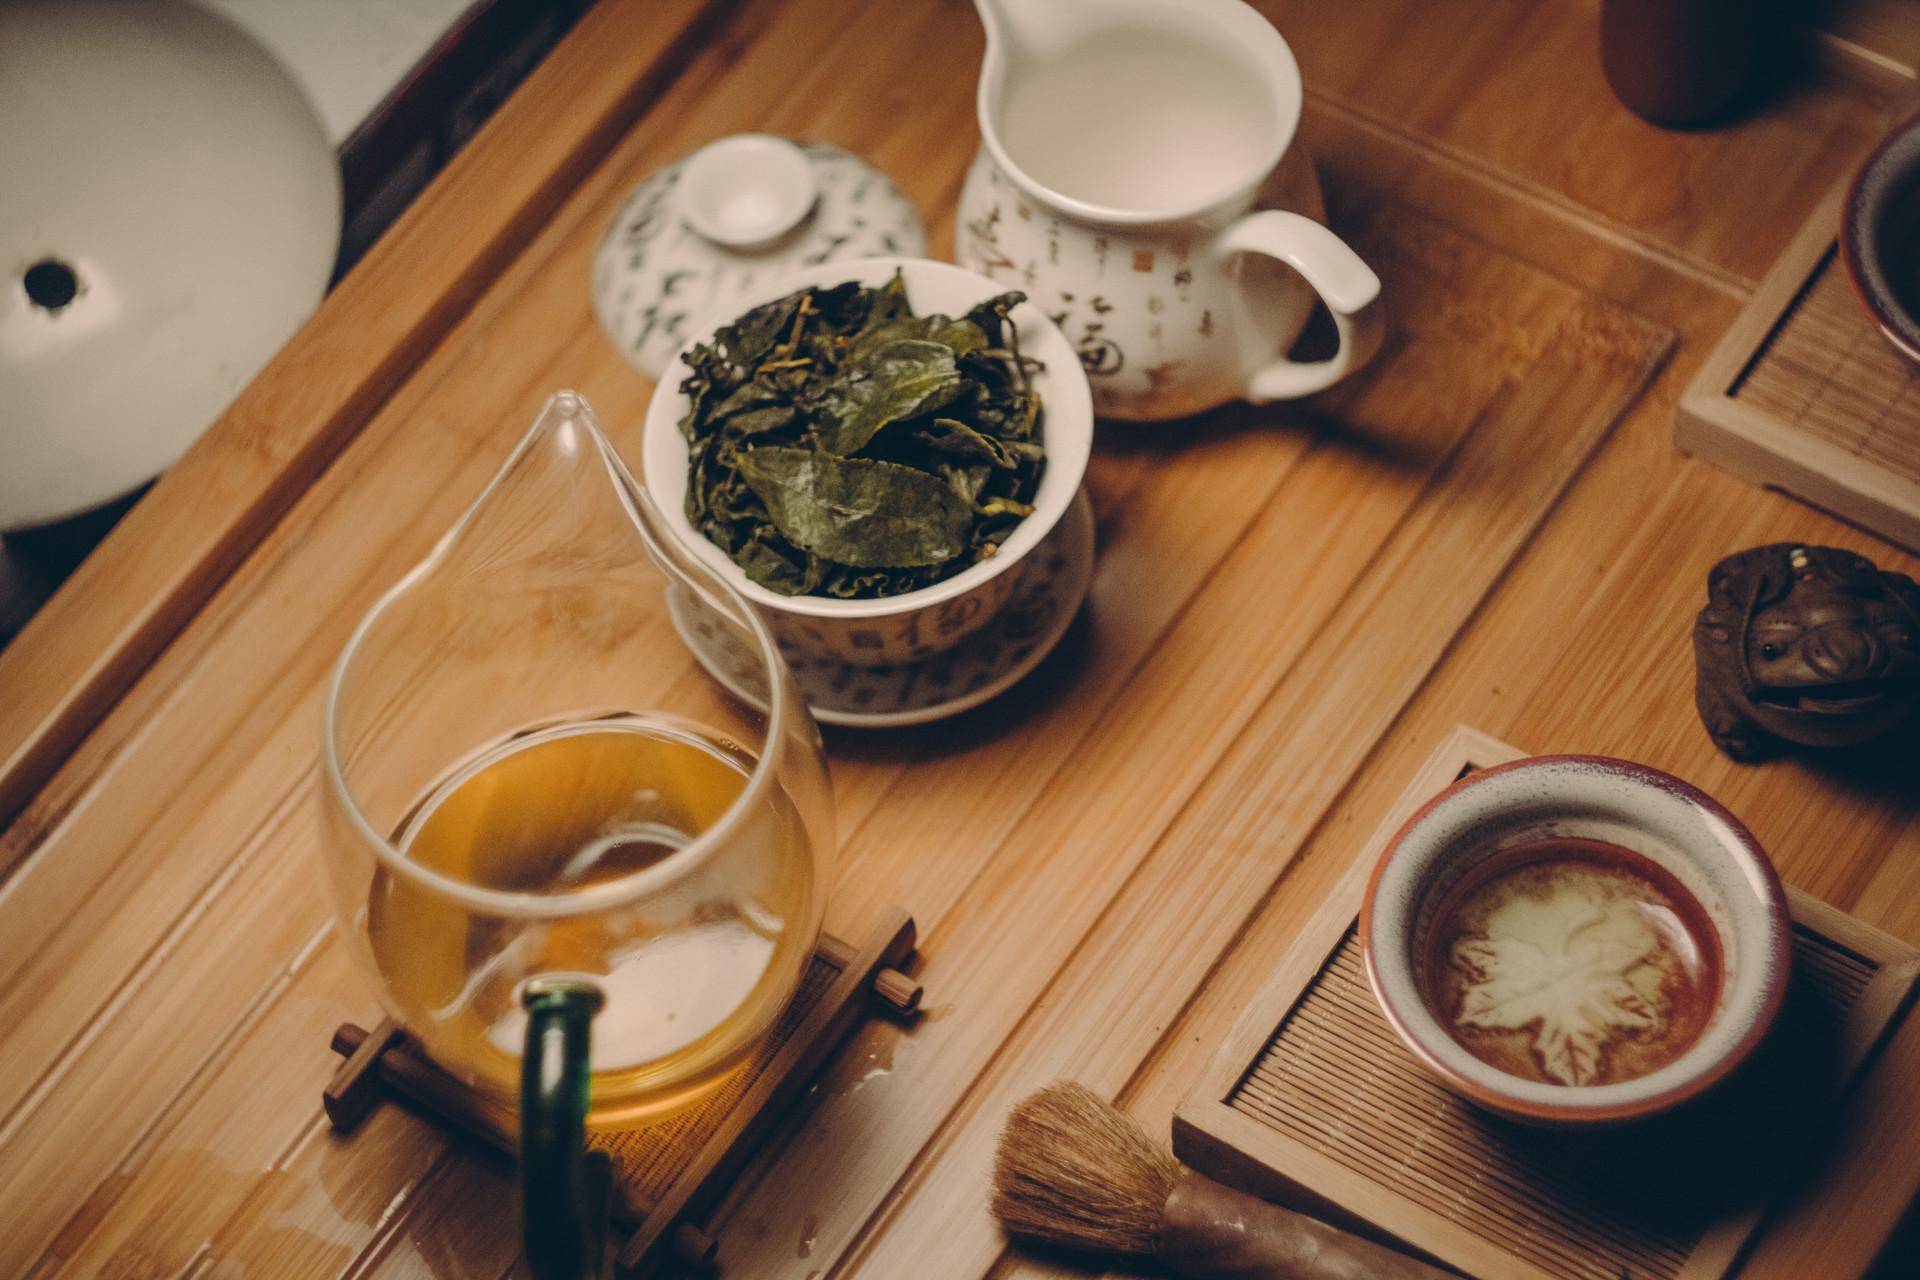 Chinese-style tea tasting